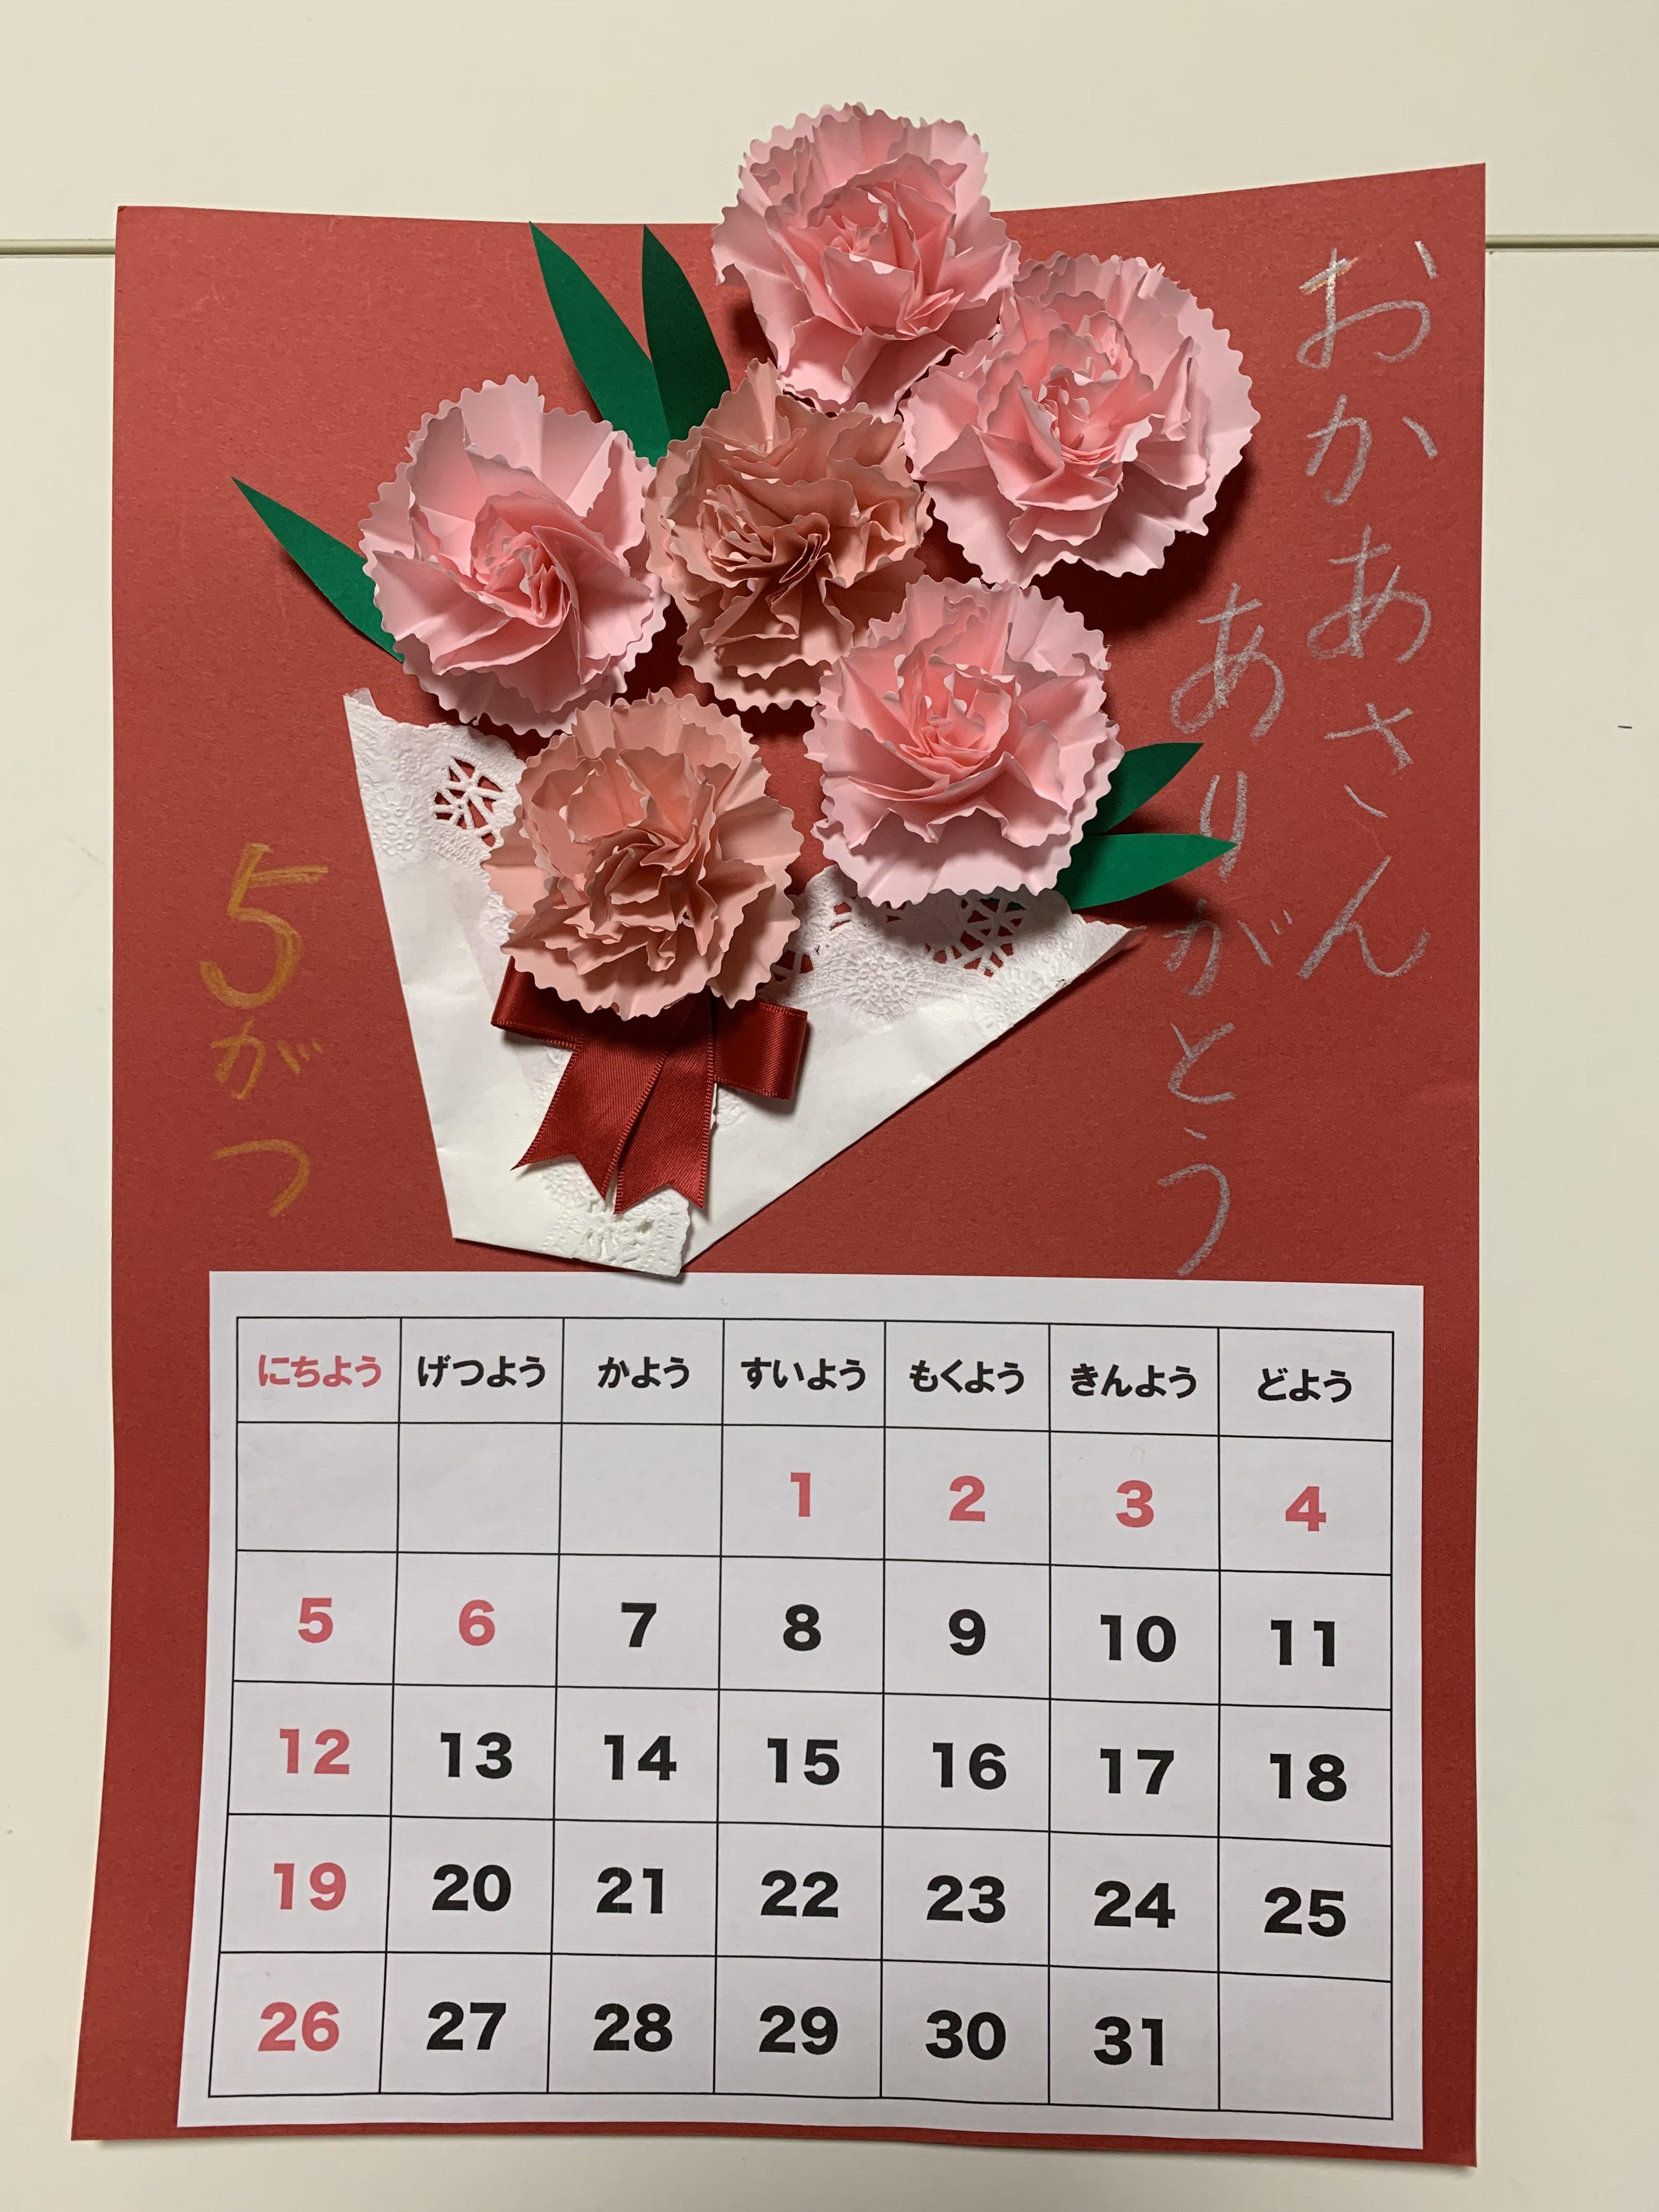 5月のカレンダー お母様に感謝を込めて